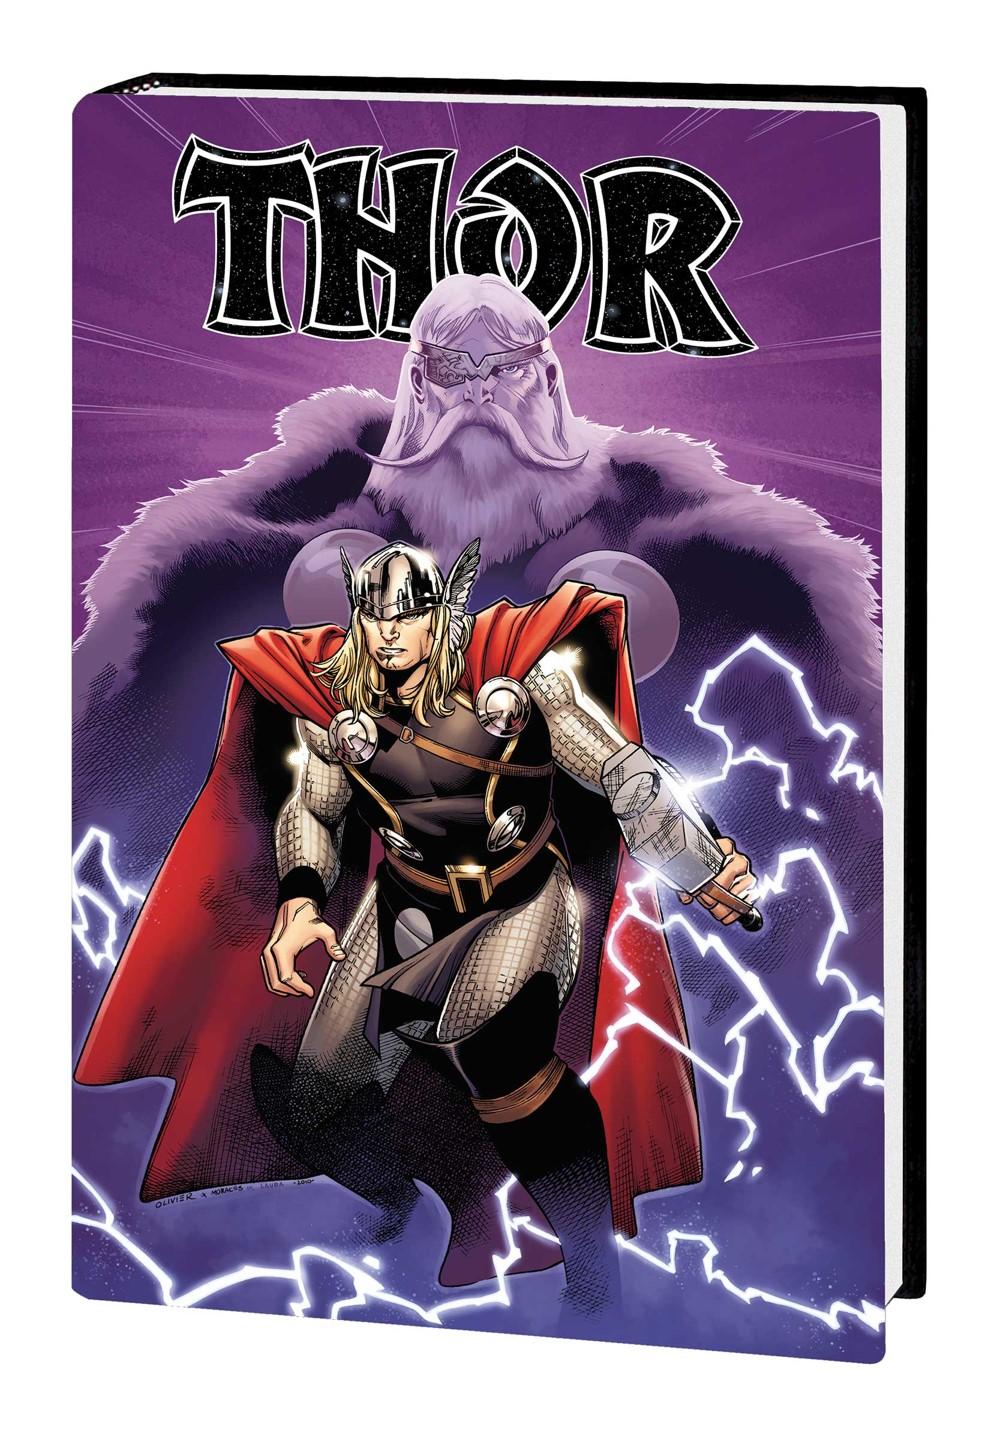 THOR_MF_OMNIBUS_HC_COIPEL Marvel Comics November 2021 Solicitations